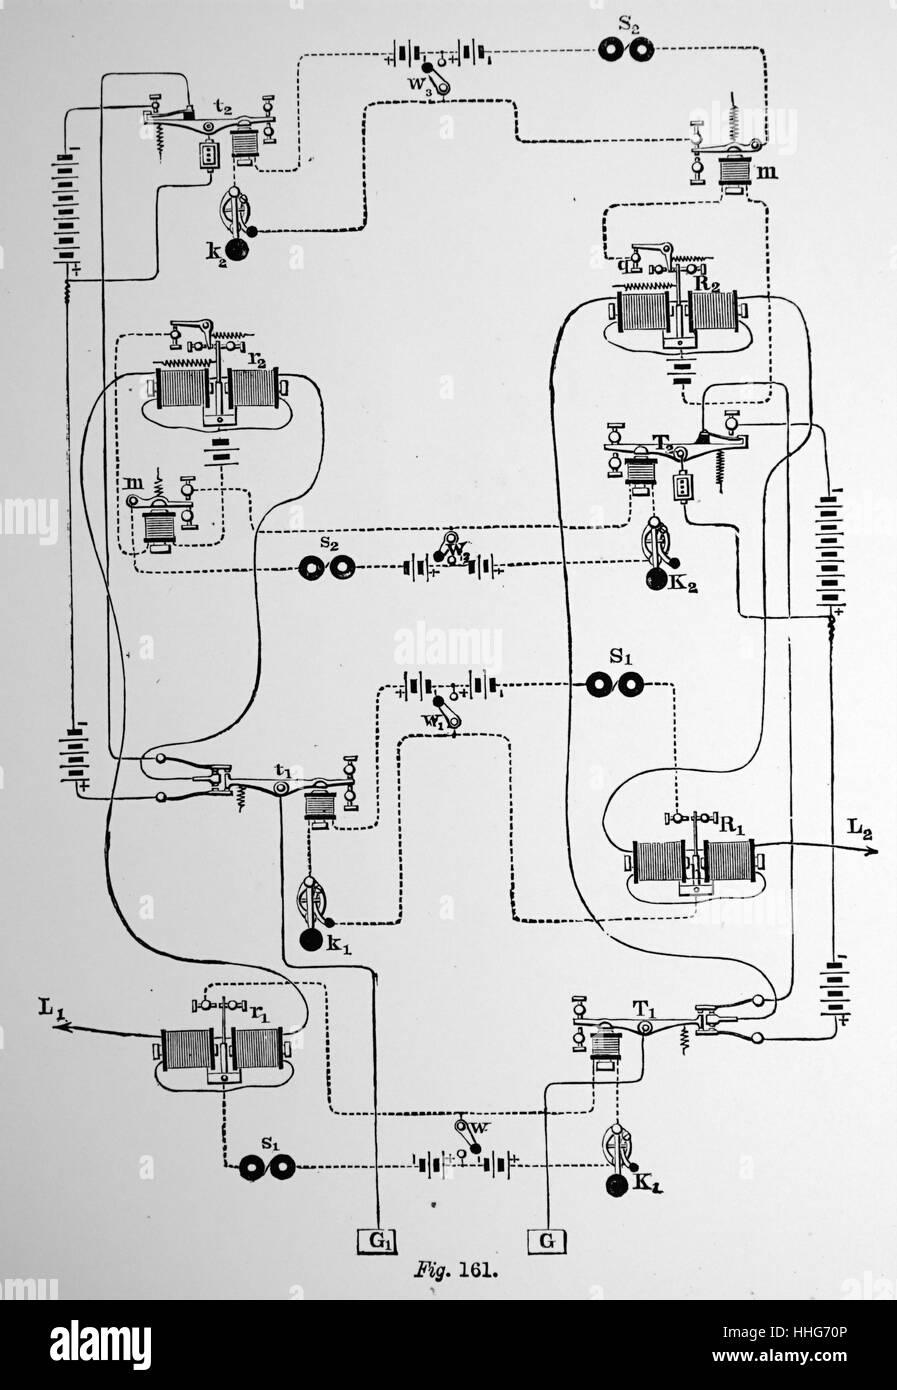 Diagram of quadruplex repeating telegraph system. 1879. - Stock Image